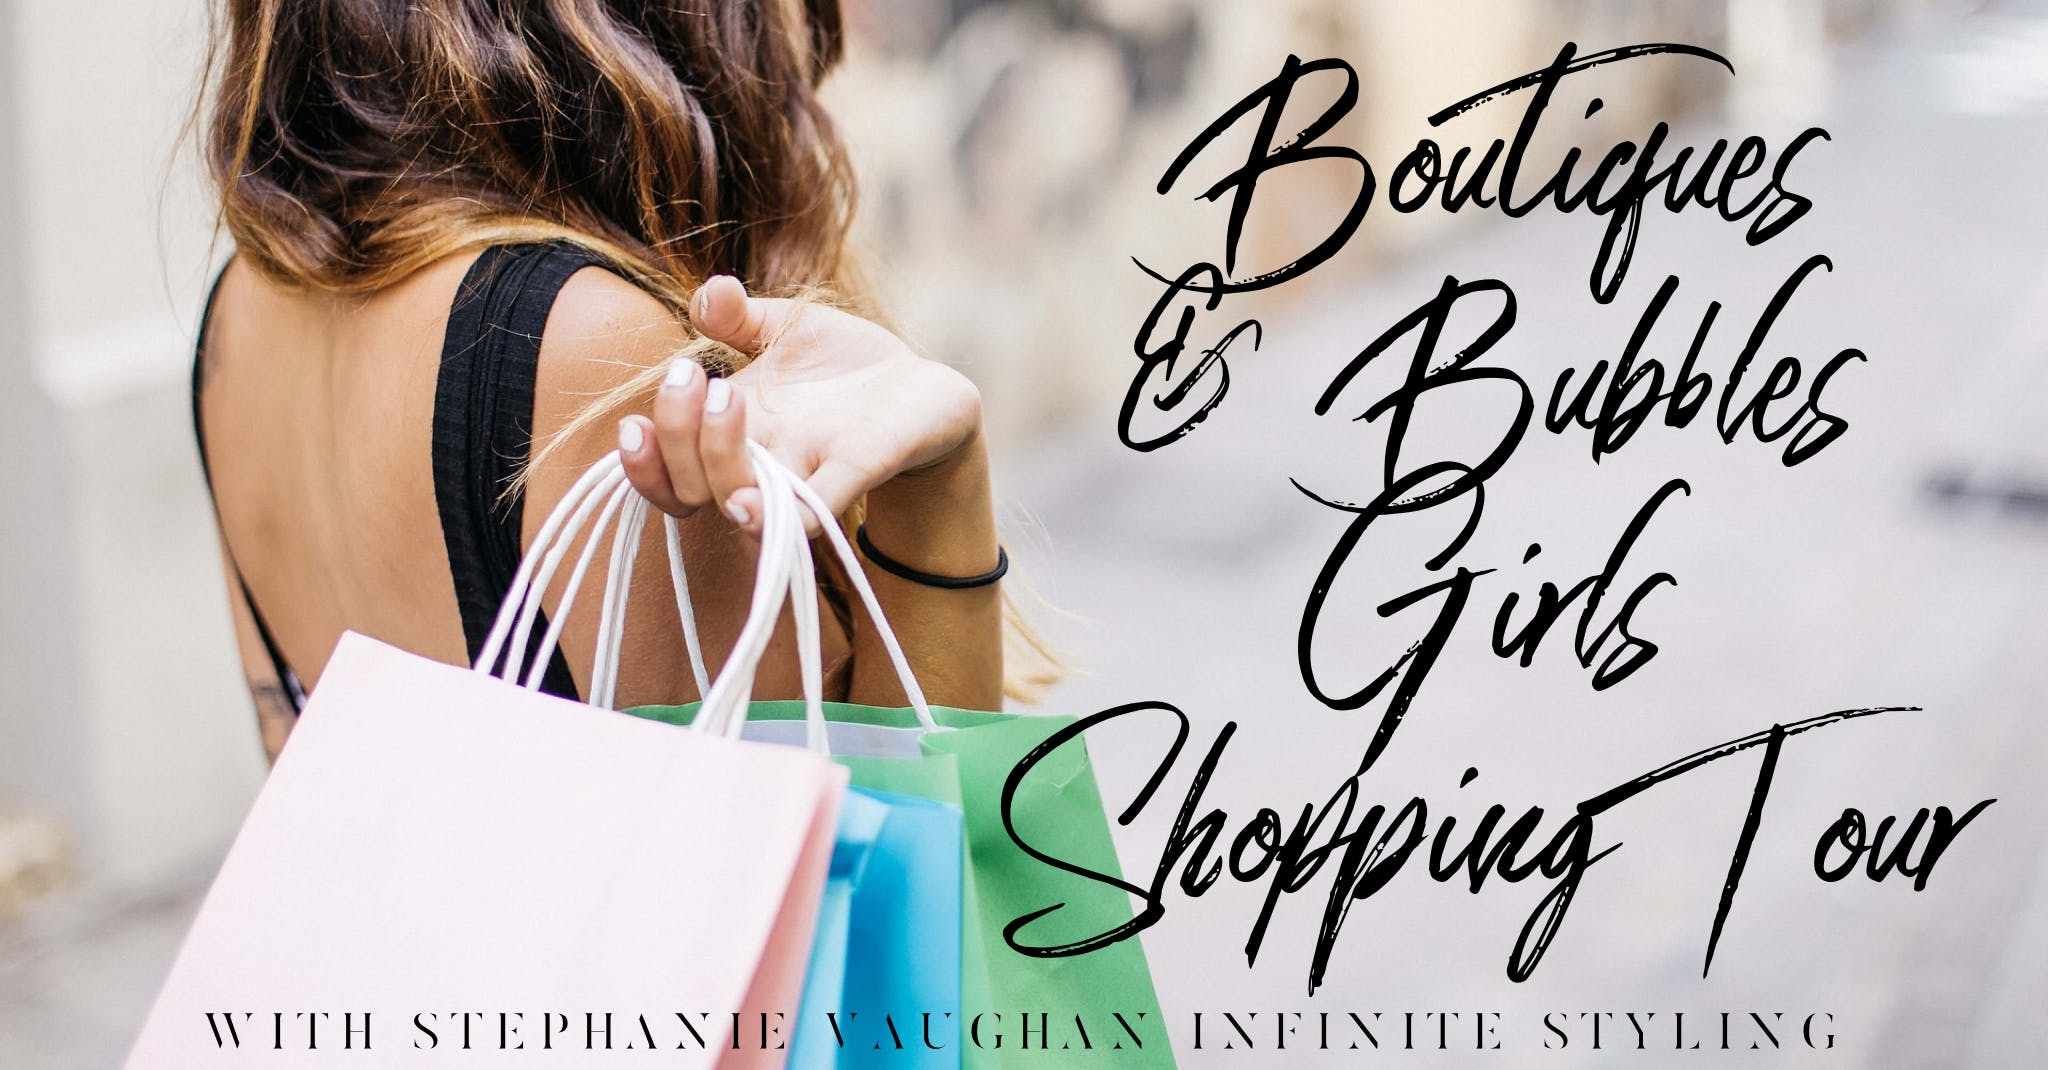 Boutiques &amp Bubbles Girls Shopping Tour